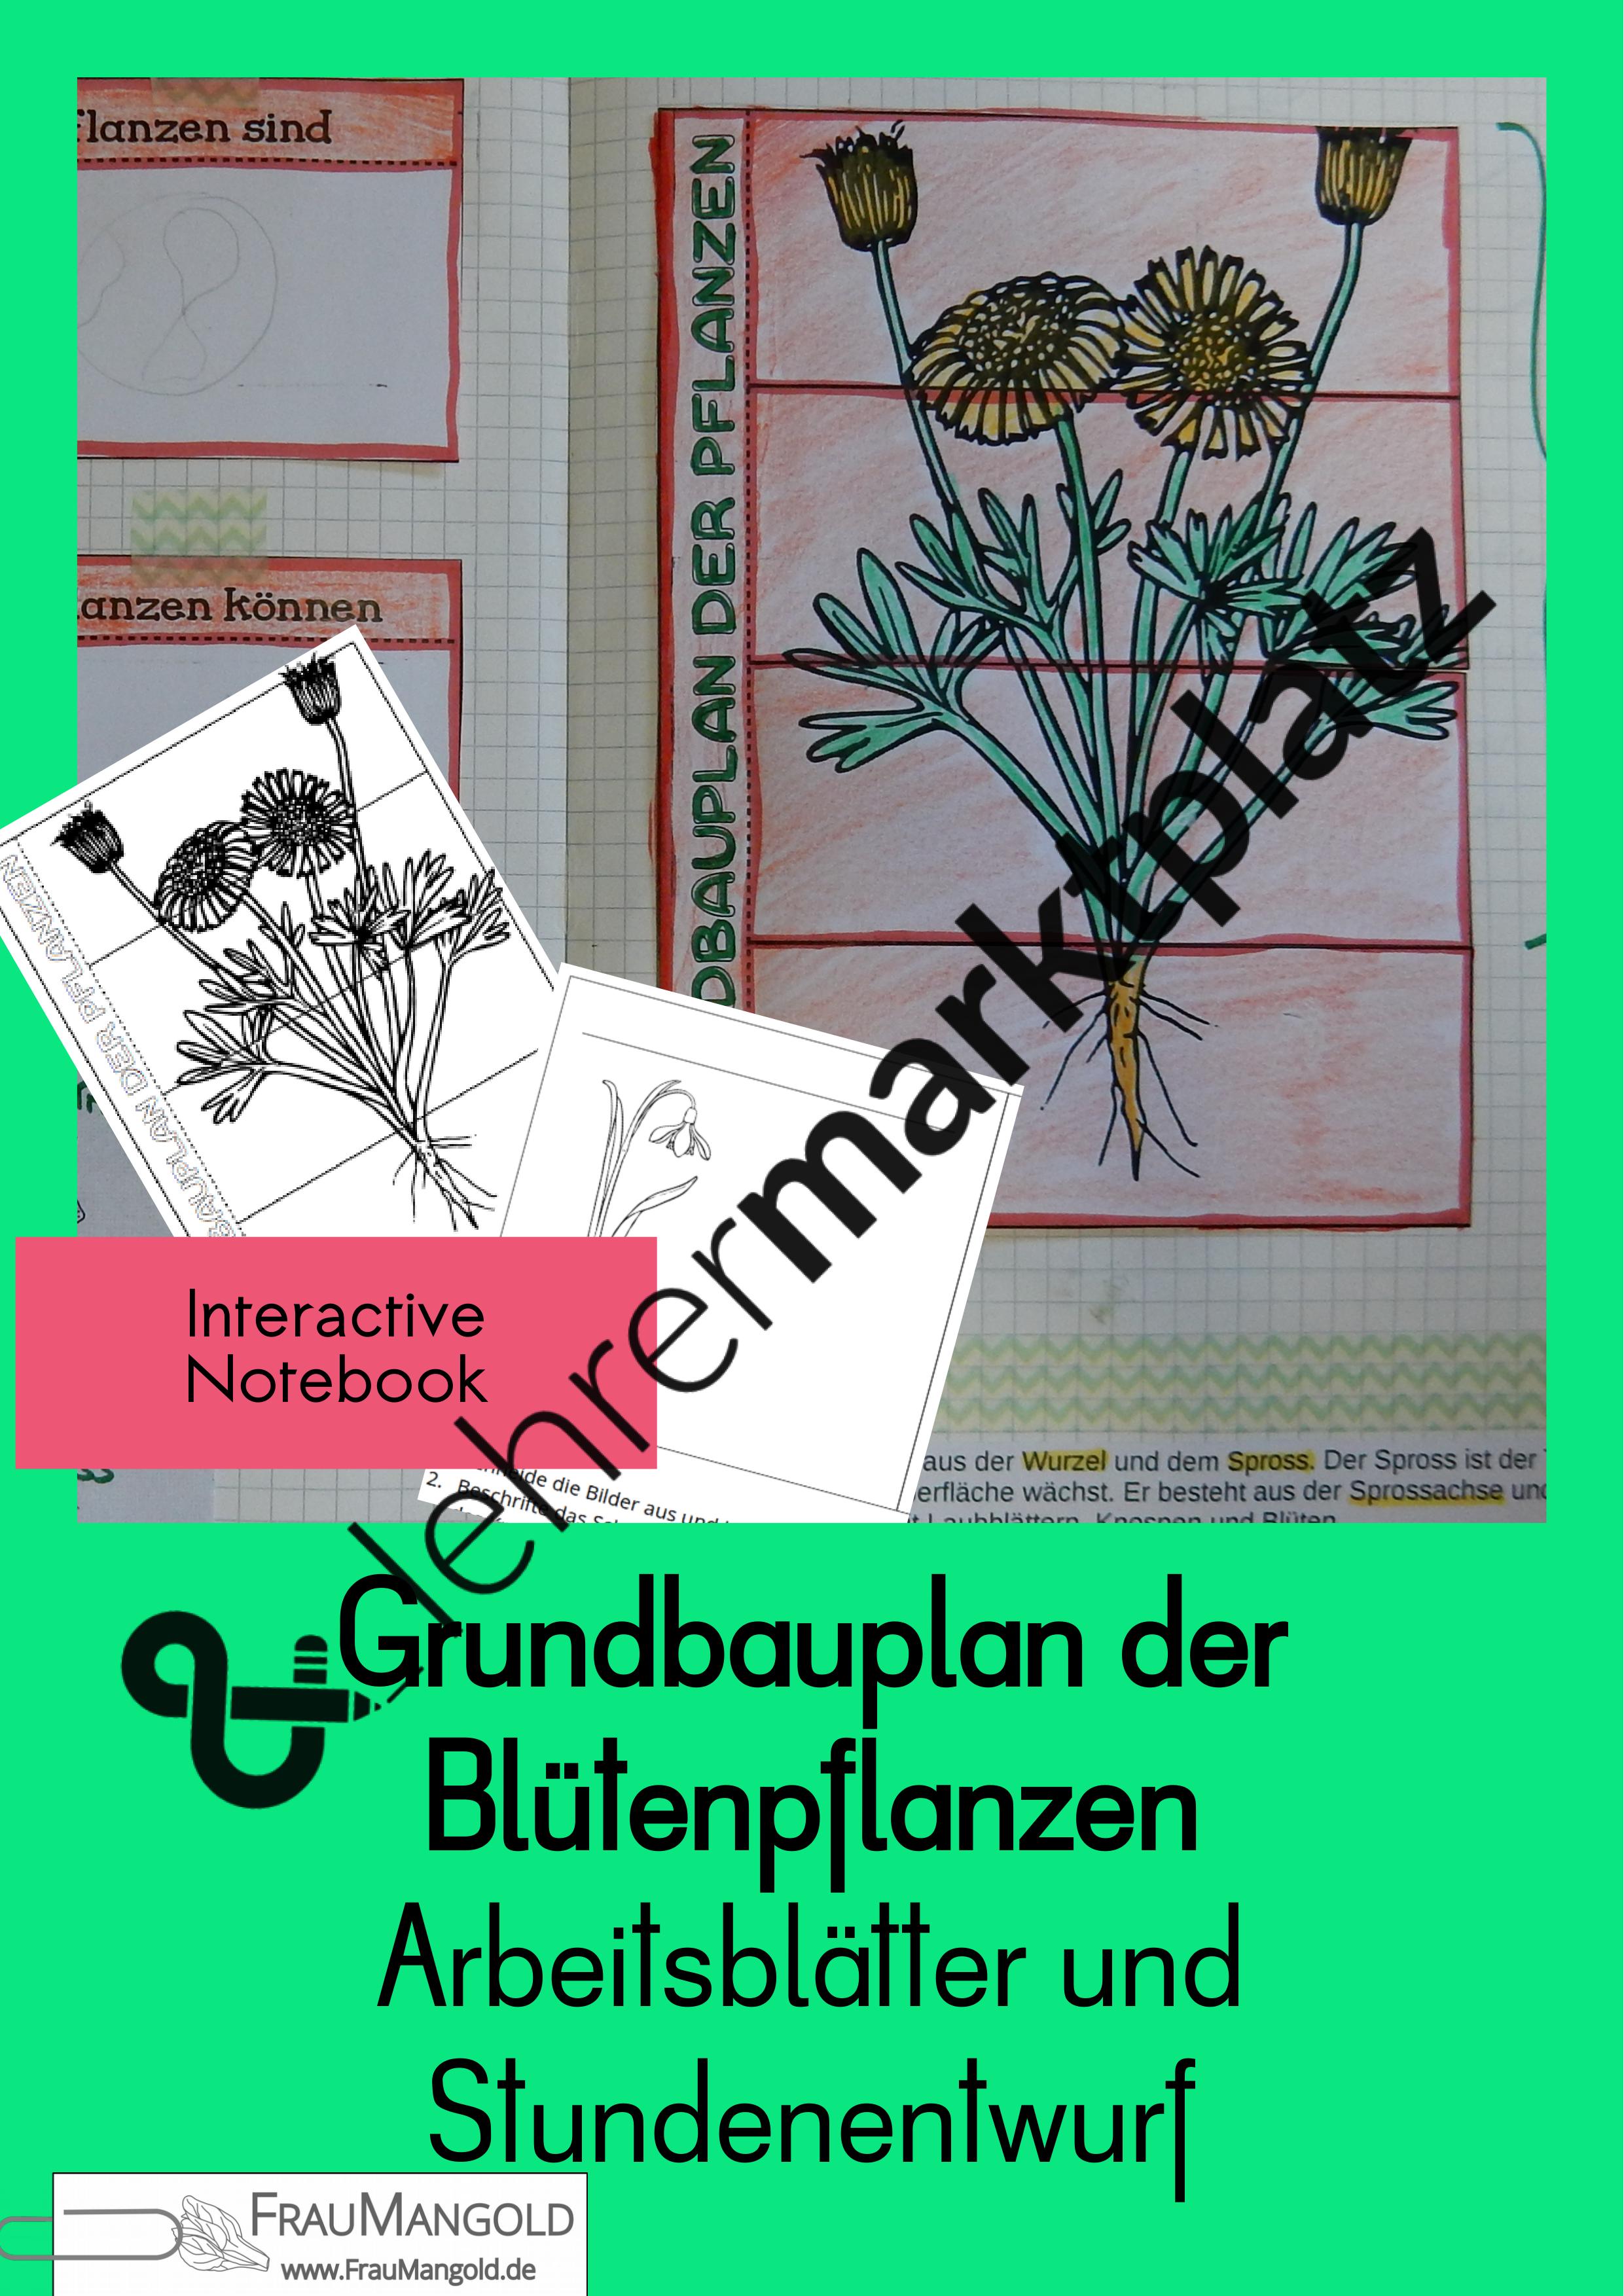 grundbauplan der bl tenpflanzen aufbau pflanzen biologie sek 1 interactive notebook. Black Bedroom Furniture Sets. Home Design Ideas